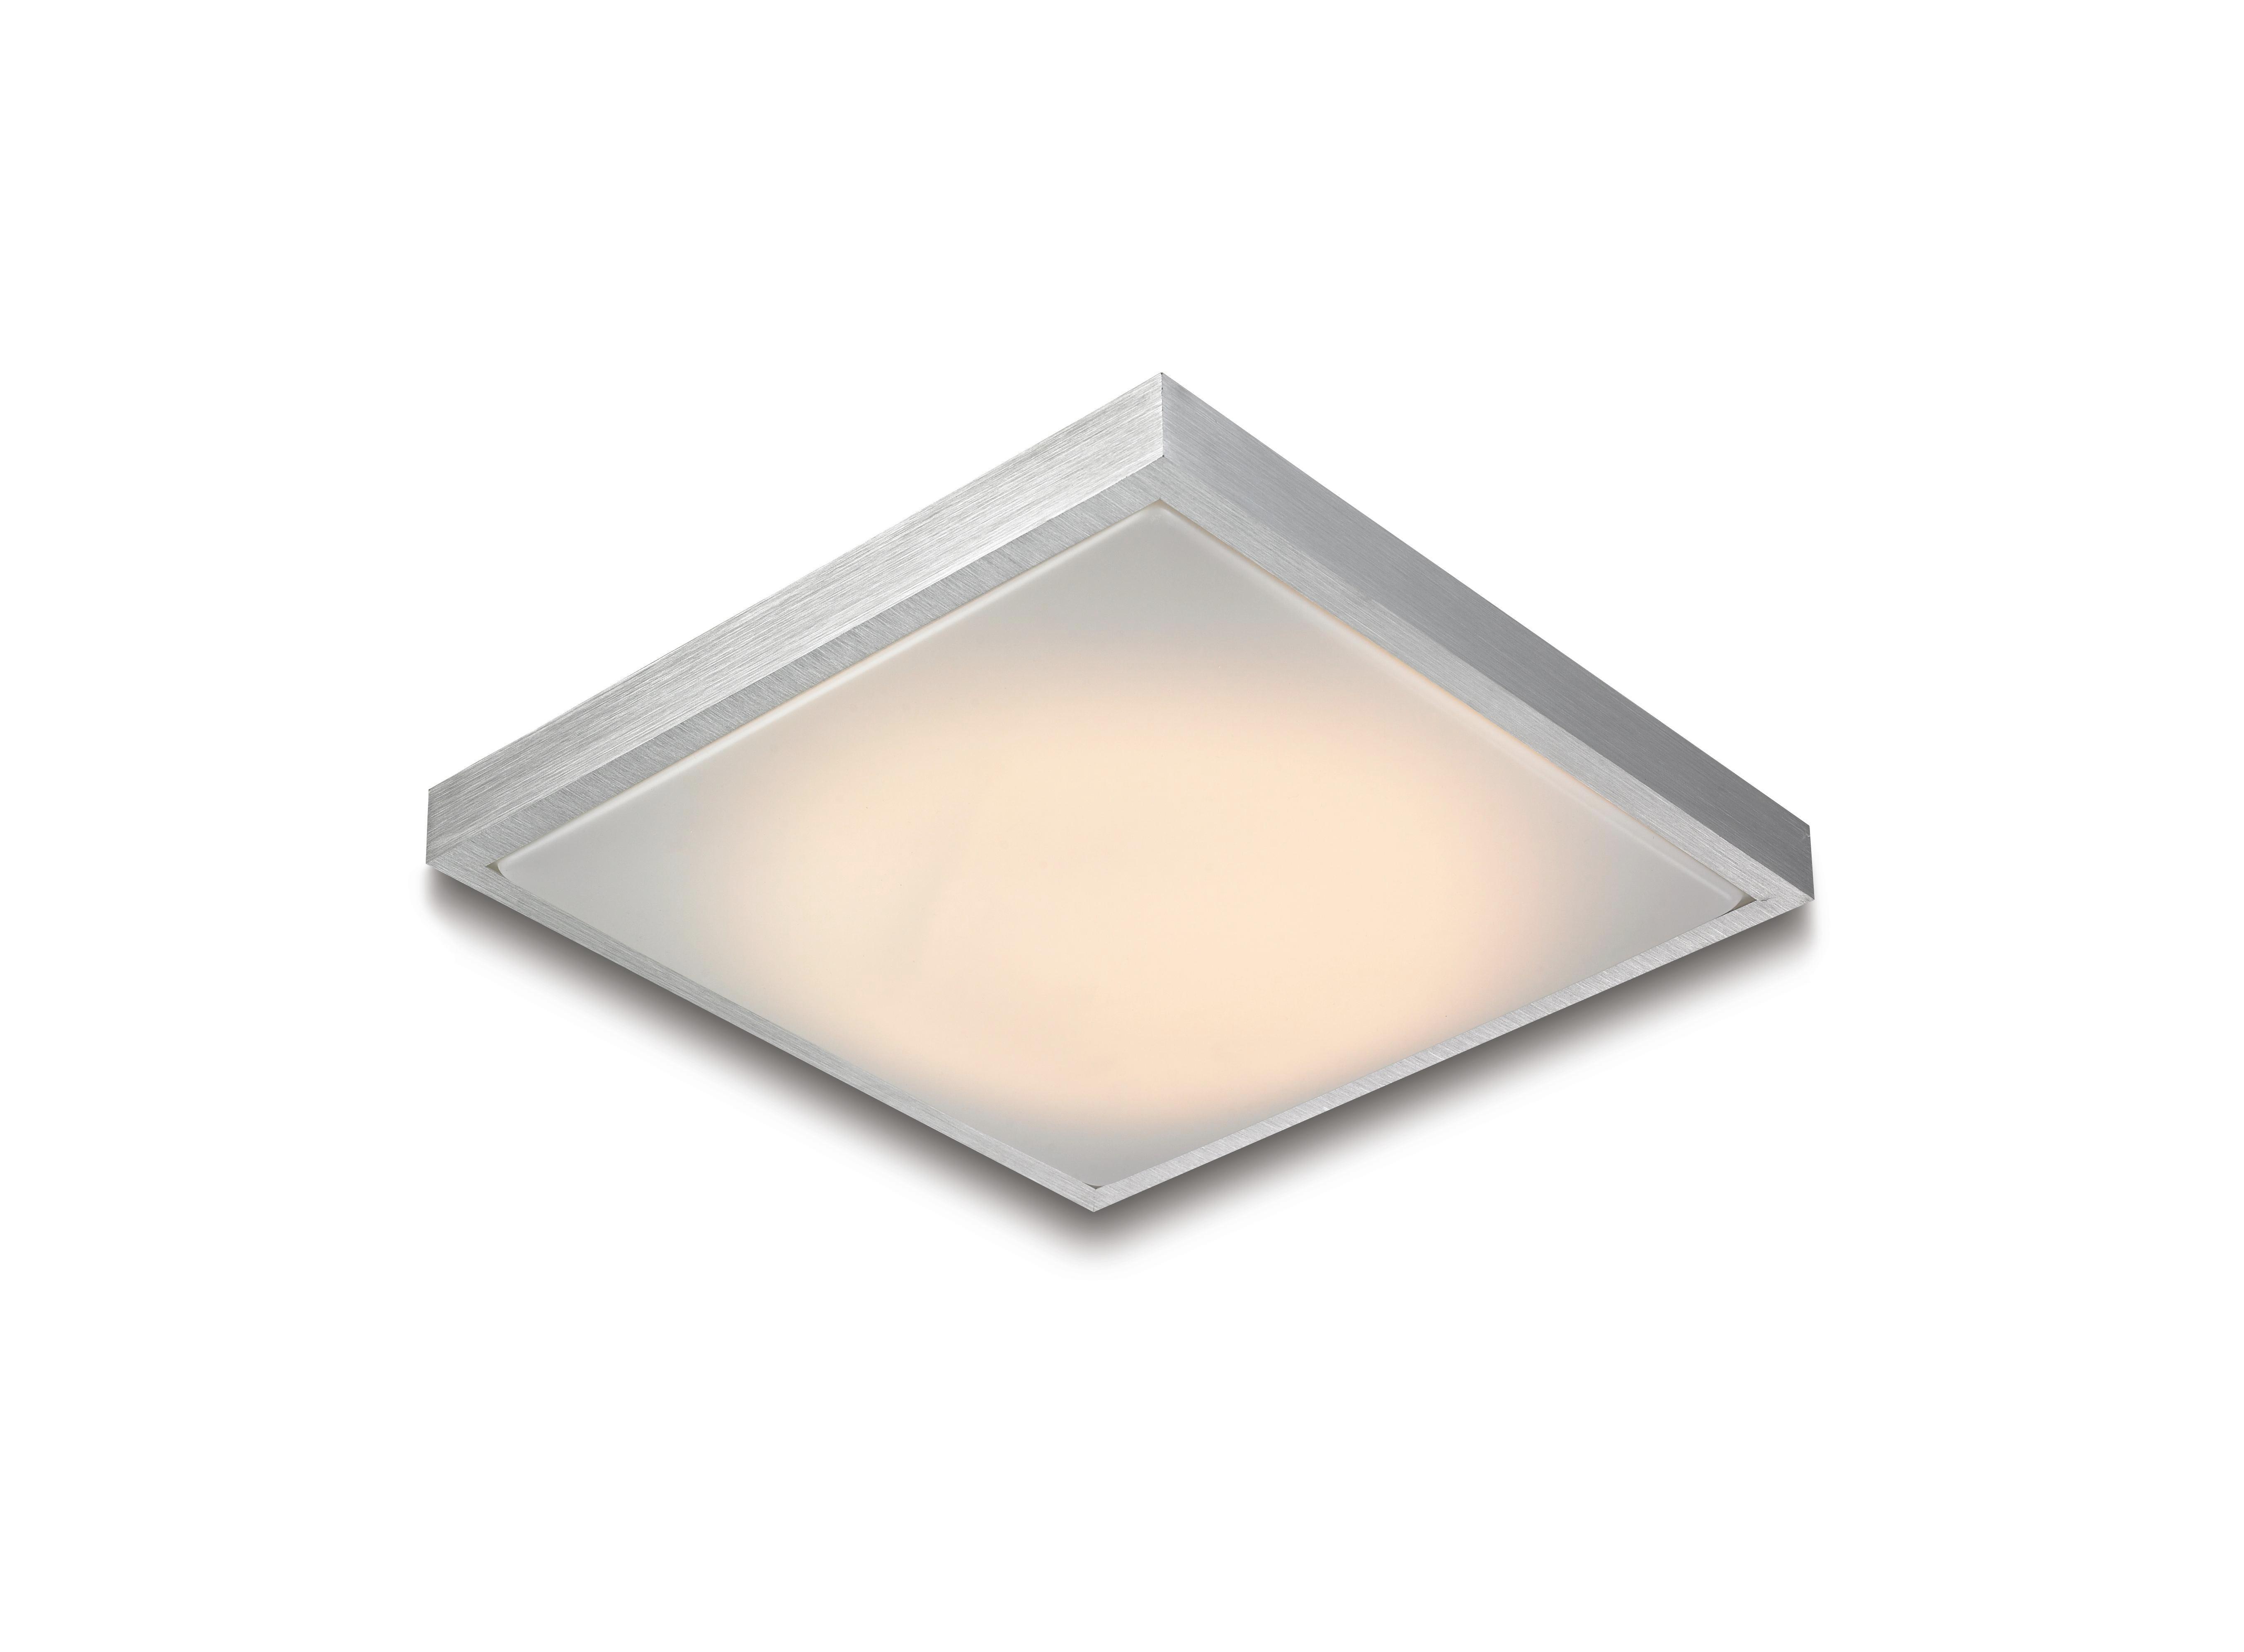 Svjetiljka Stropna Dalia - Konvencionalno, metal/plastika (32/32/7cm) - LUCA BESSONI